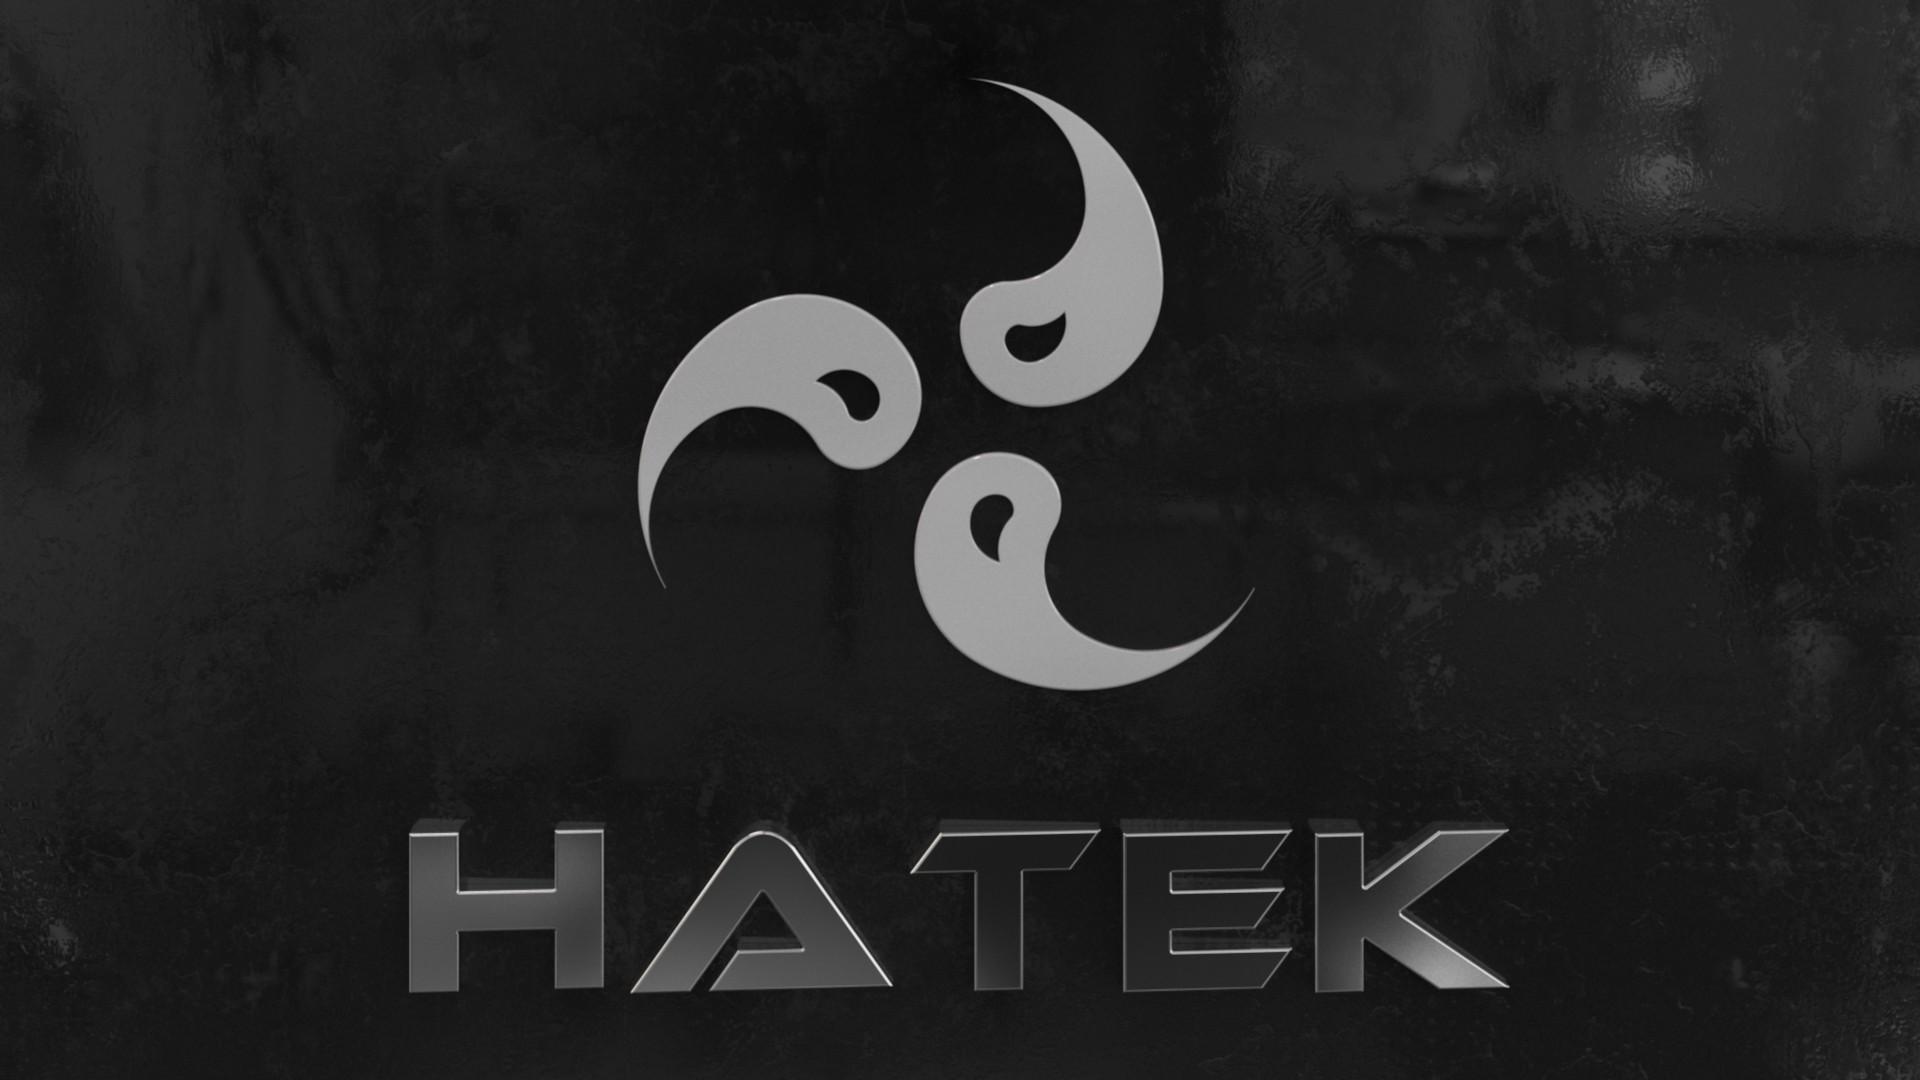 Reinhard kepplinger hatek3d logo 2015 fillet 2 can5